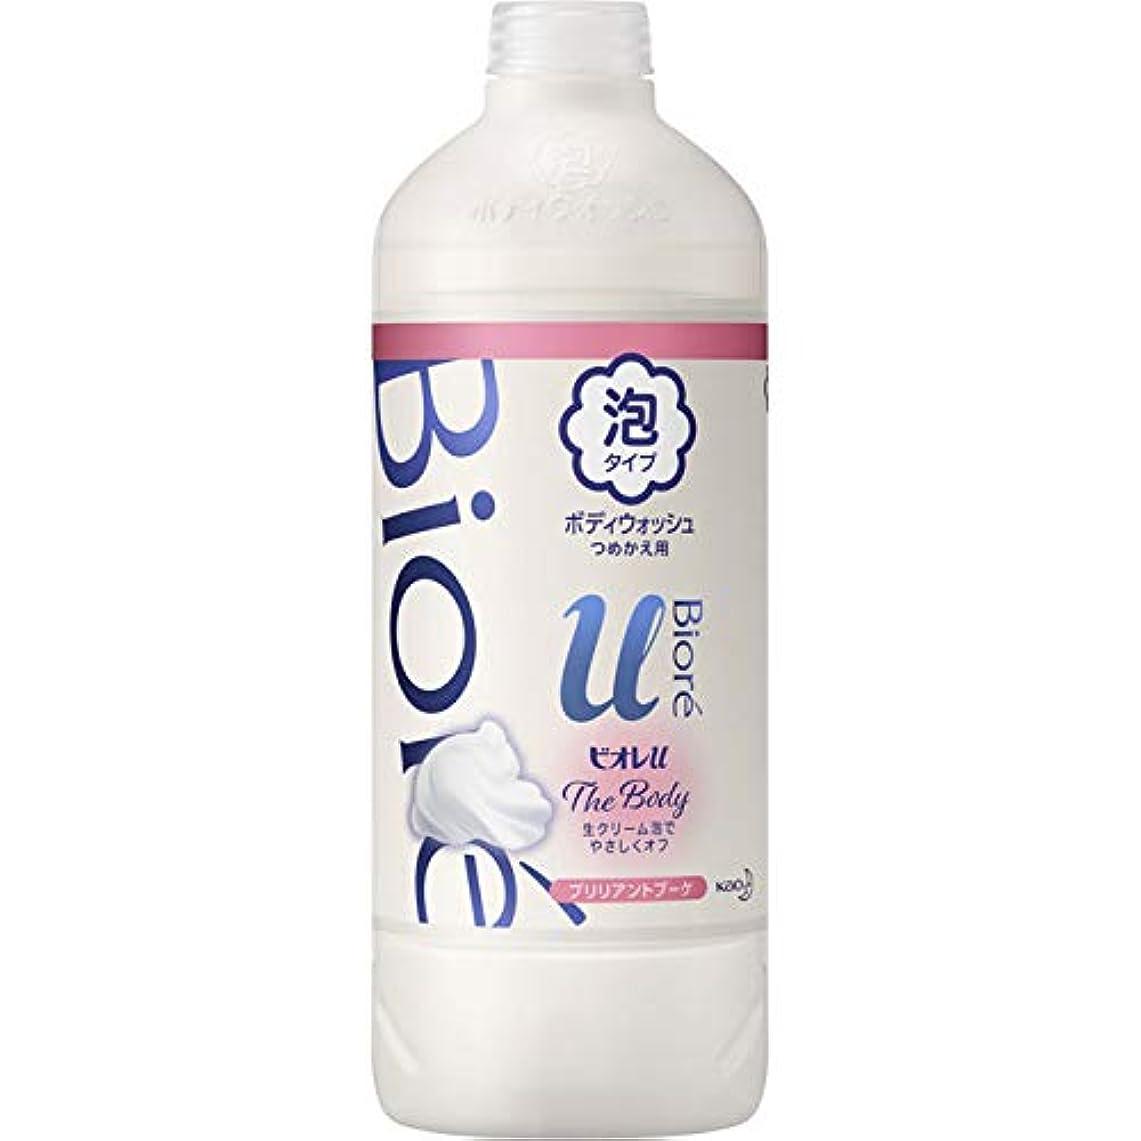 面最少経験者花王 ビオレu ザ ボディ泡ブリリアントブーケの香り 詰替え用 450ml